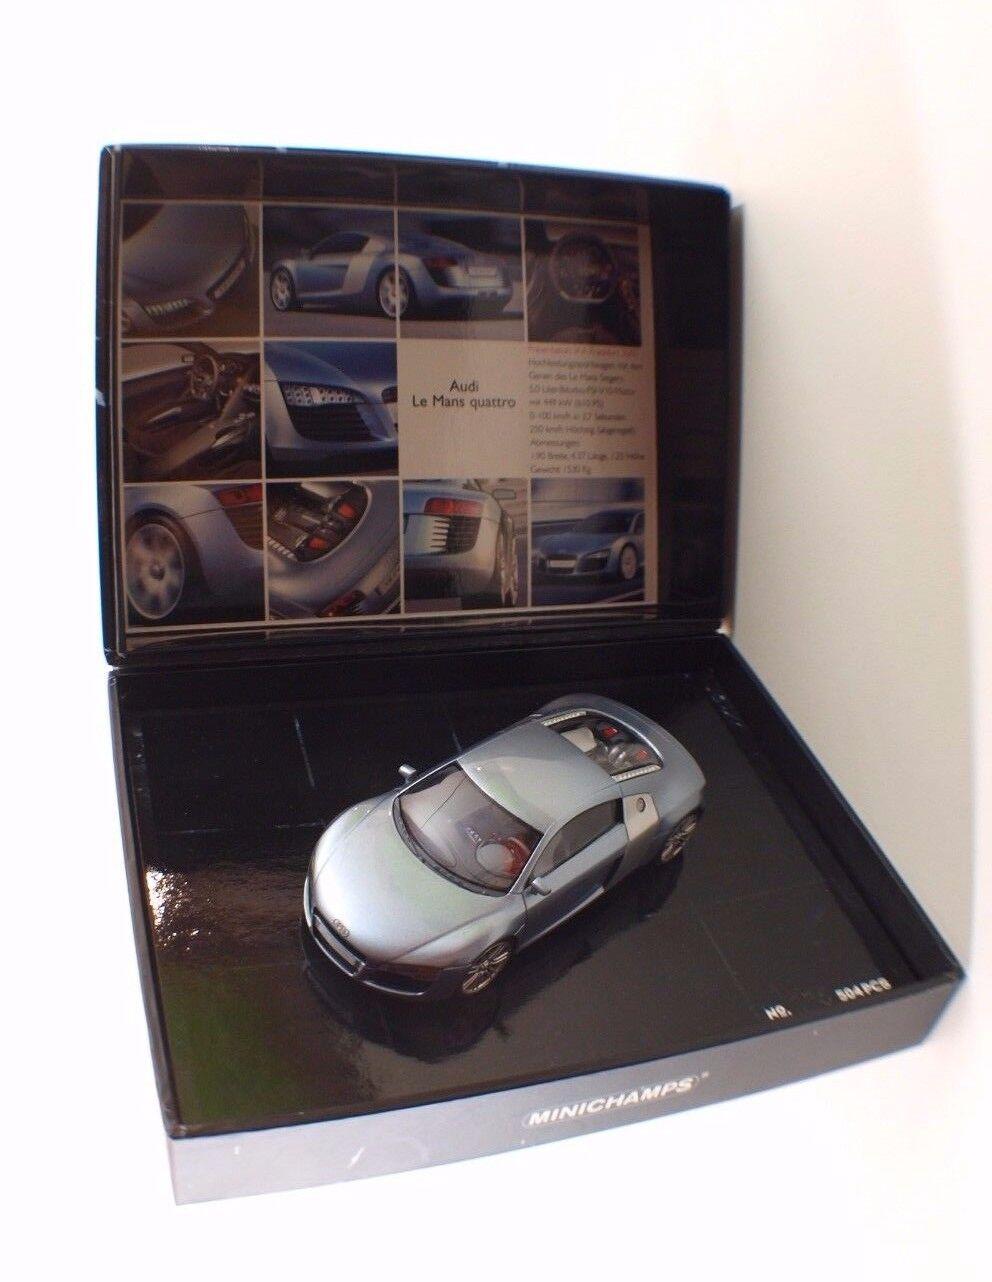 Minichamps 440 013120 Audi le Mans Quattro Nuovo MIB 1 43 Edizione Lim.